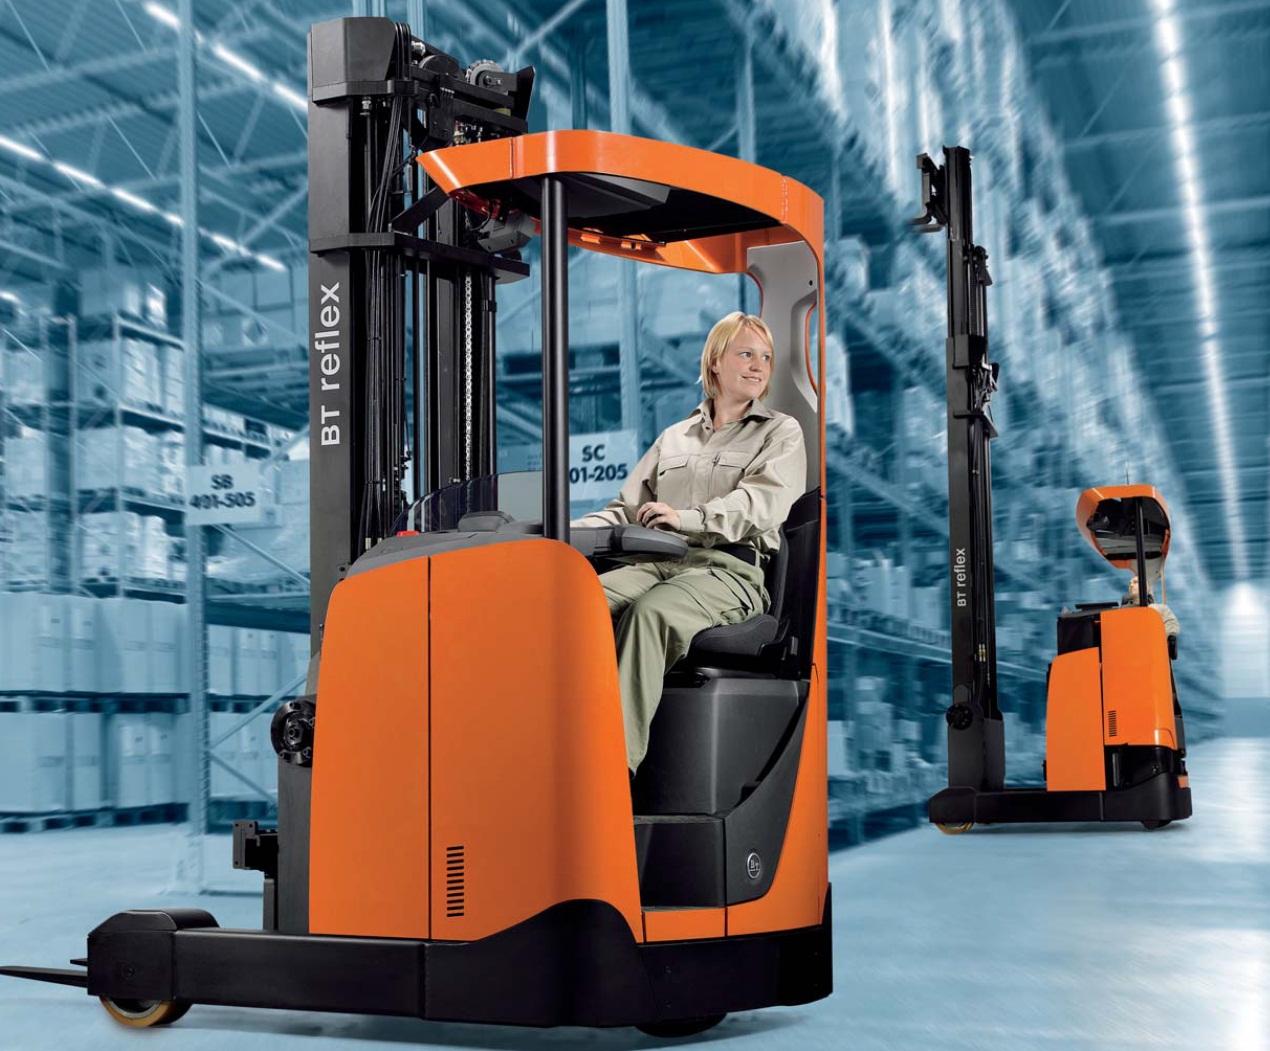 Xe nâng điện Reach truck: BT Reflex RRE160